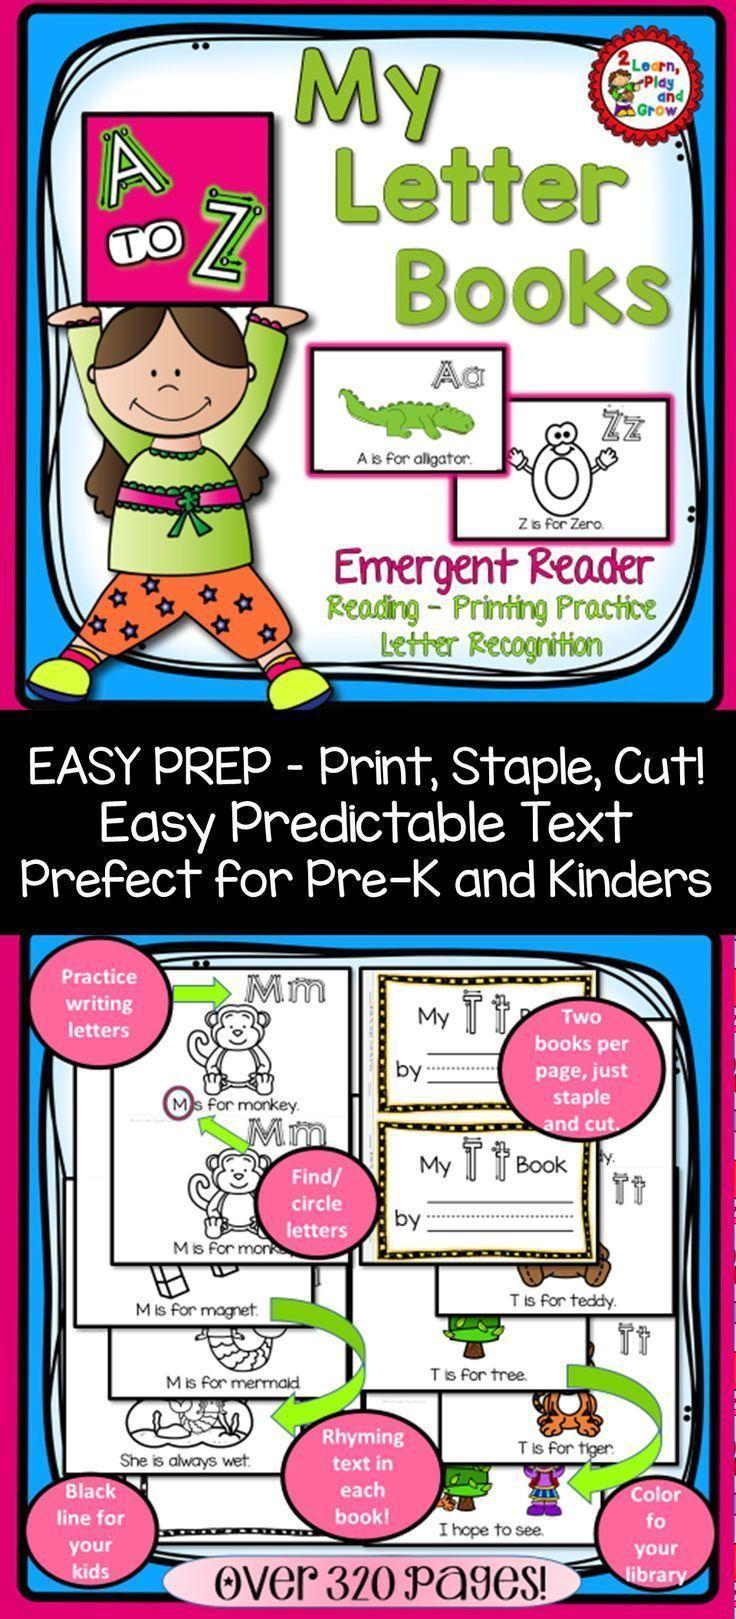 Little Books Big Skills Phonics Letter Recognition Book Handling Skills Left To Right Progression Rhymes Buchstabenerkennung Buchstaben Lernen Bucher